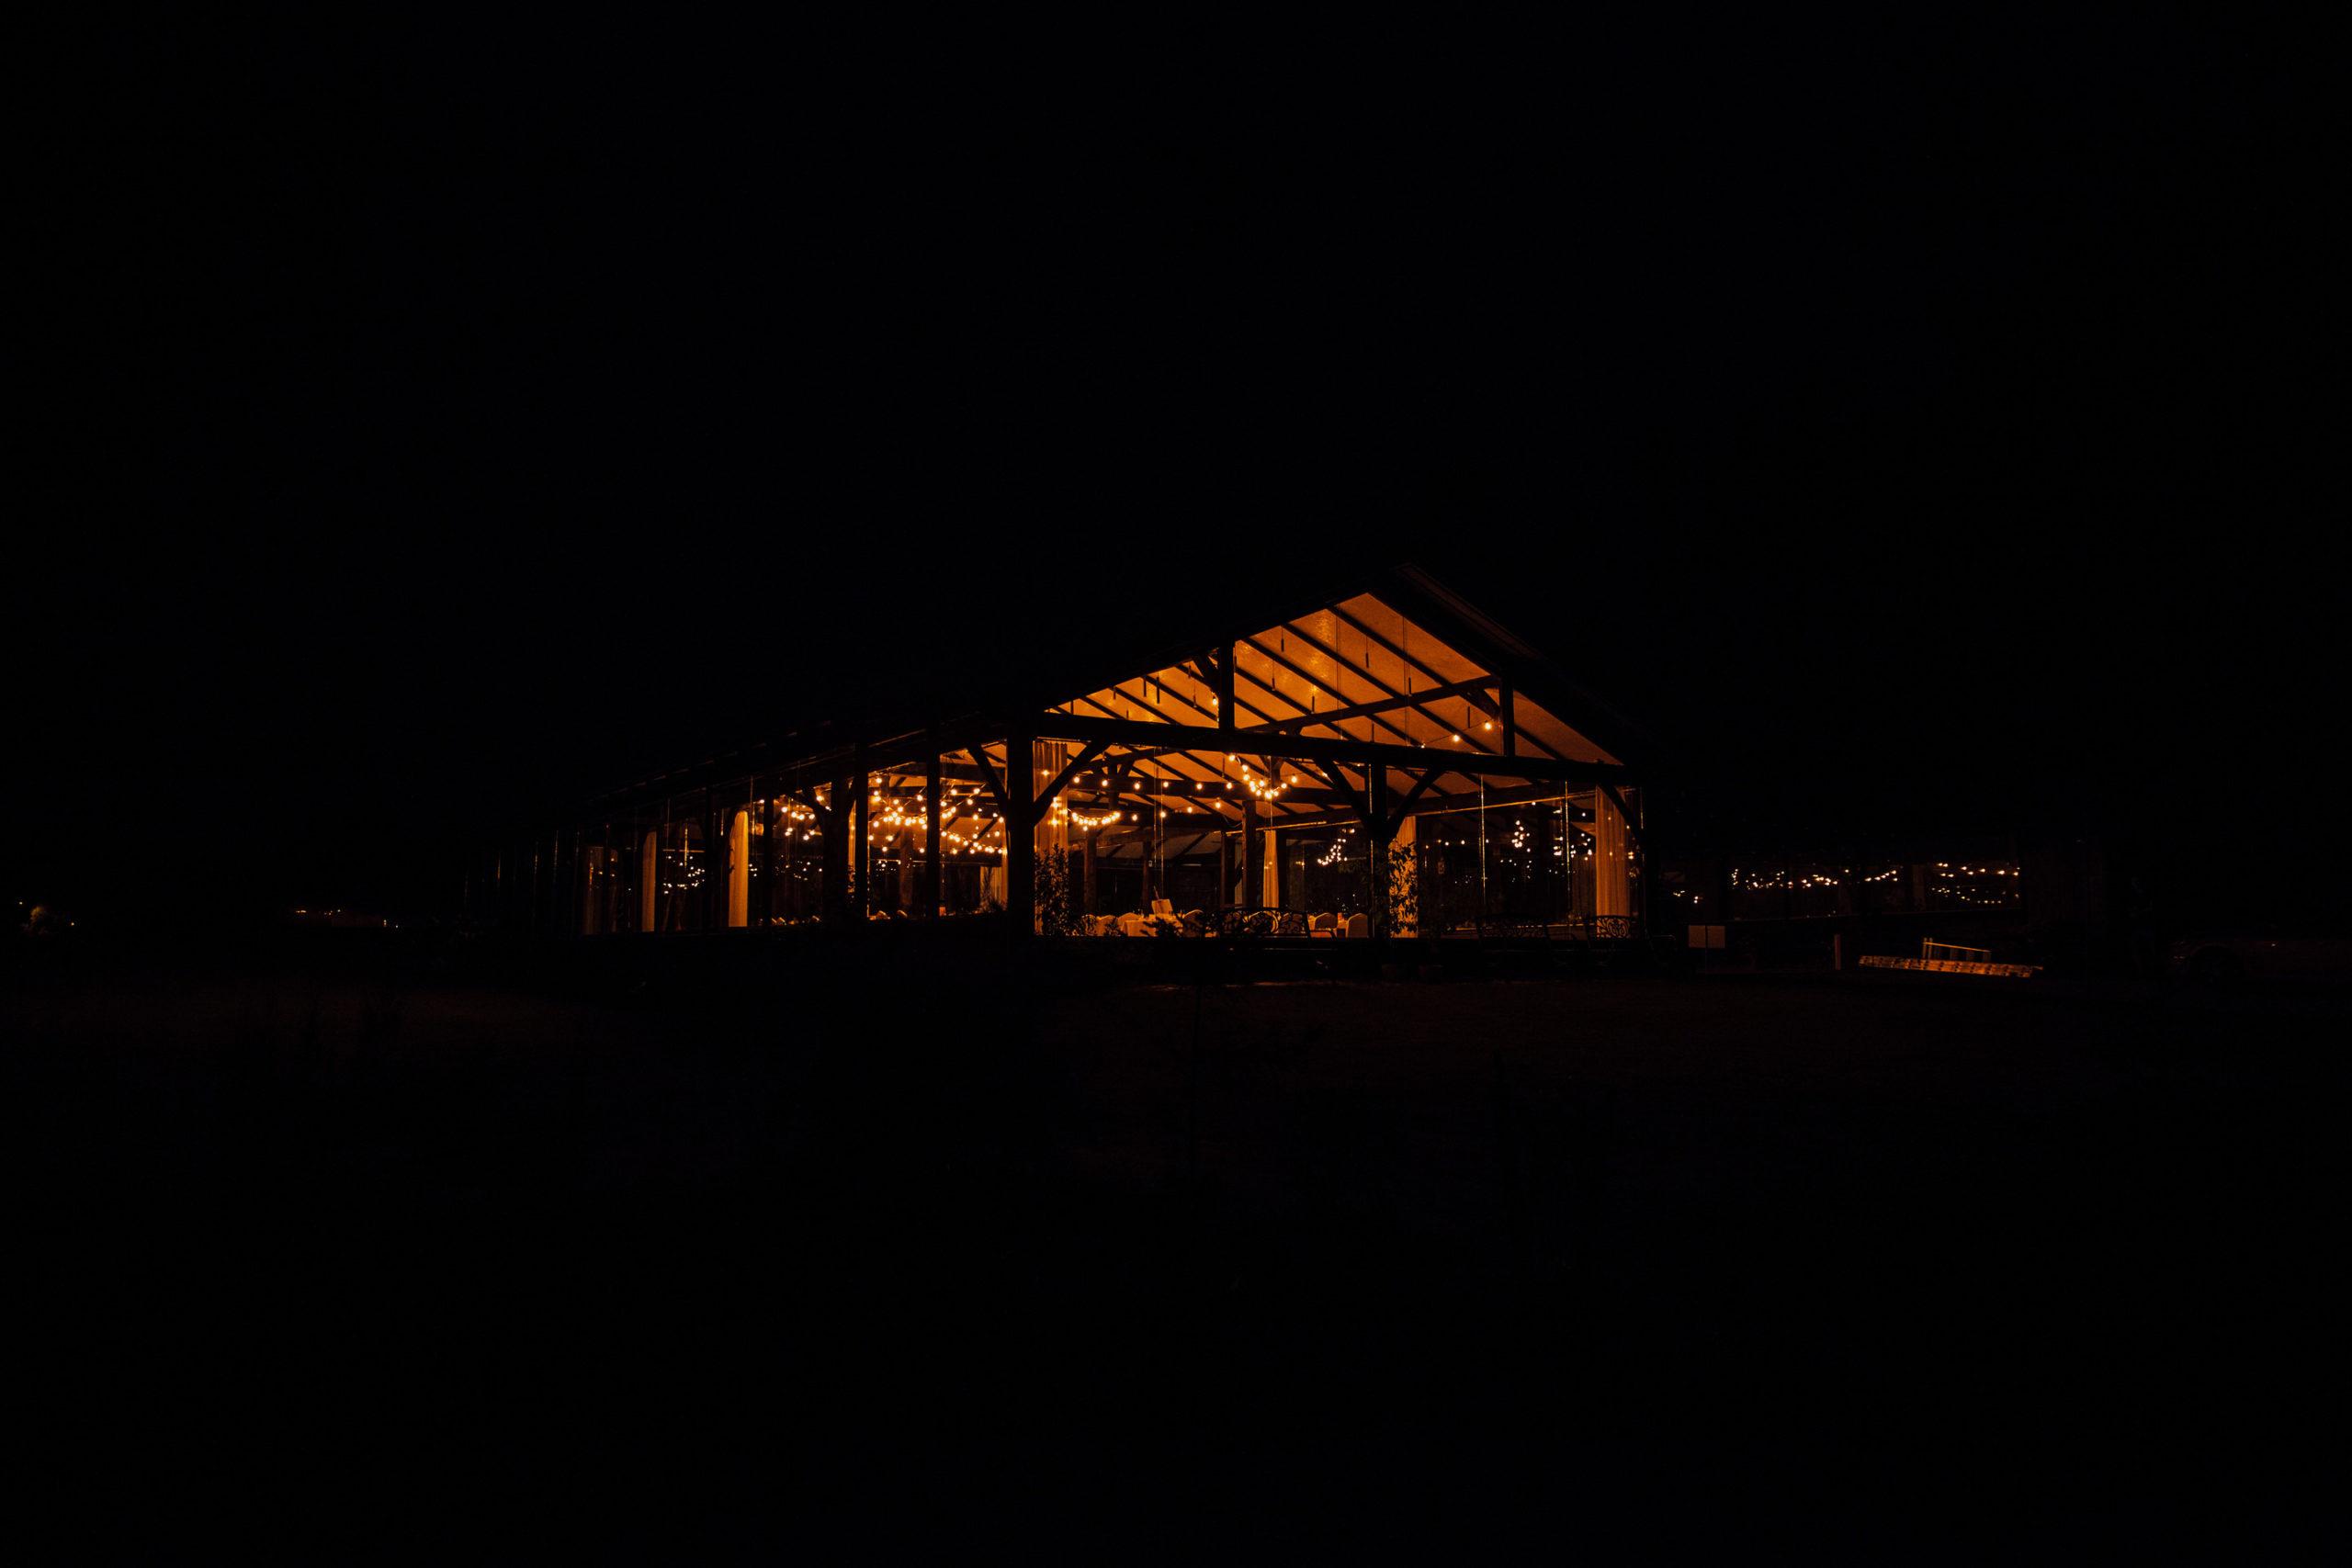 uroczysko motycz szklana stodoła girlandowo